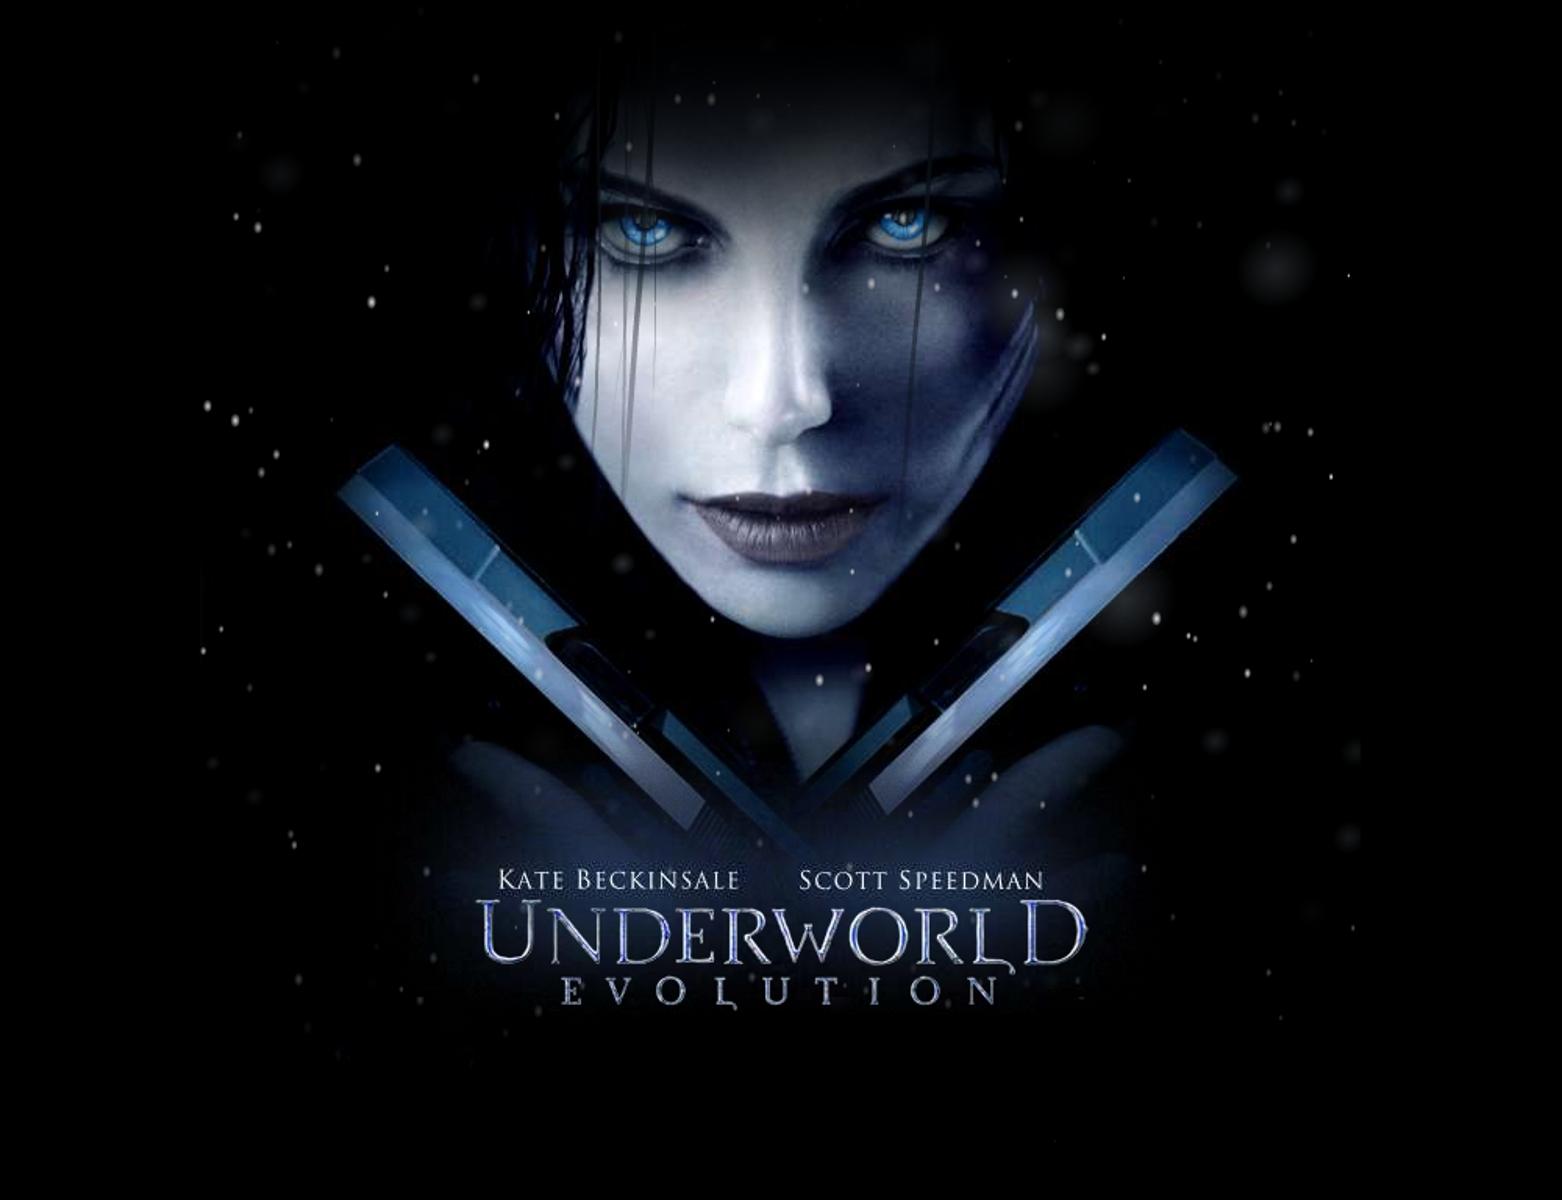 http://1.bp.blogspot.com/-EhC8iDAr8tM/TvBO_tfXMdI/AAAAAAAABZM/xPKov57DfZg/s1600/Kate+Beckinsale+-+Underworld+Evolution+-+wallpaper+2.jpg